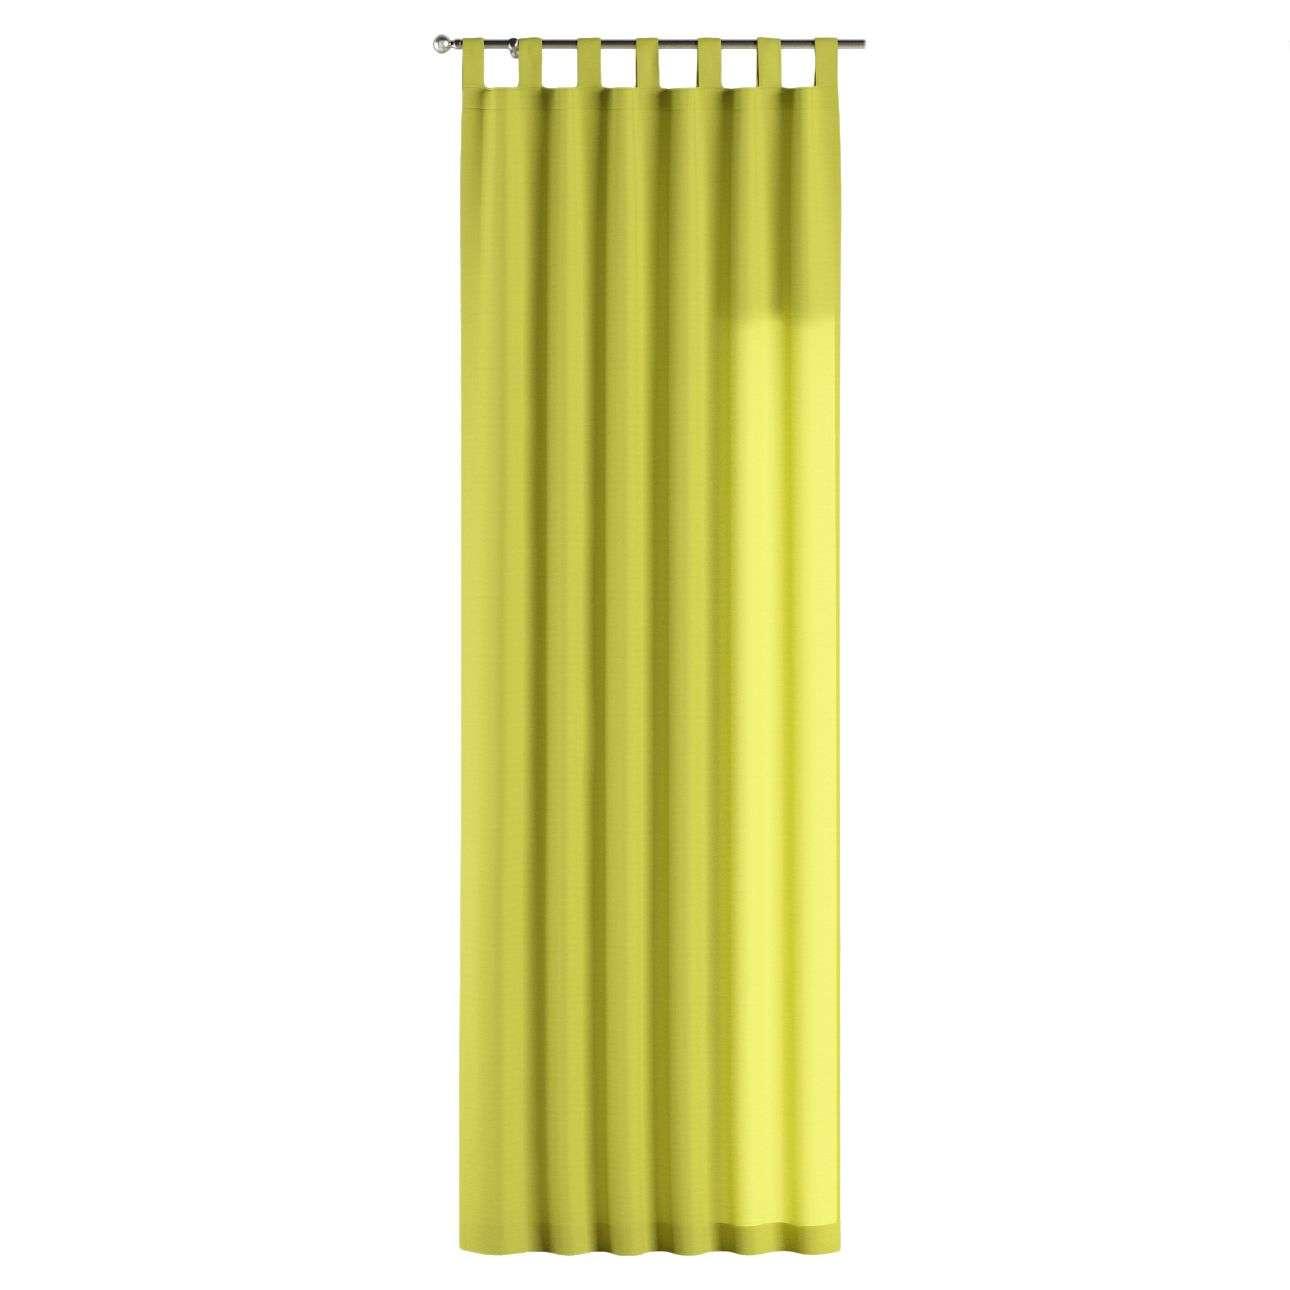 Gardin med hällor 1 längd 130 x 260 cm i kollektionen Jupiter, Tyg: 127-50